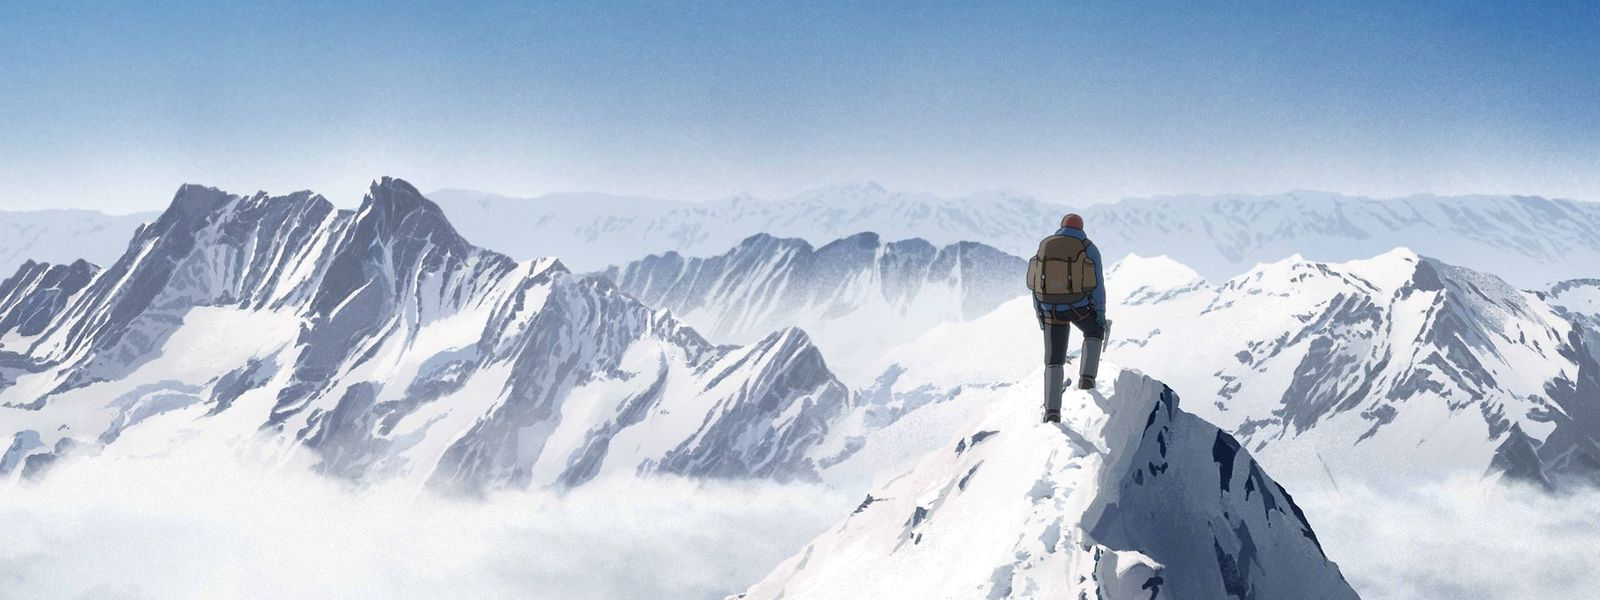 """Dort, wo Live-Action-Filme die Produktionskosten sprengen würden, schafft es der Animationsfilm hin: Bis auf die Spitze des Mount Everest. """"Le Sommet des Dieux"""" ist ein bildgewaltiges Epos."""